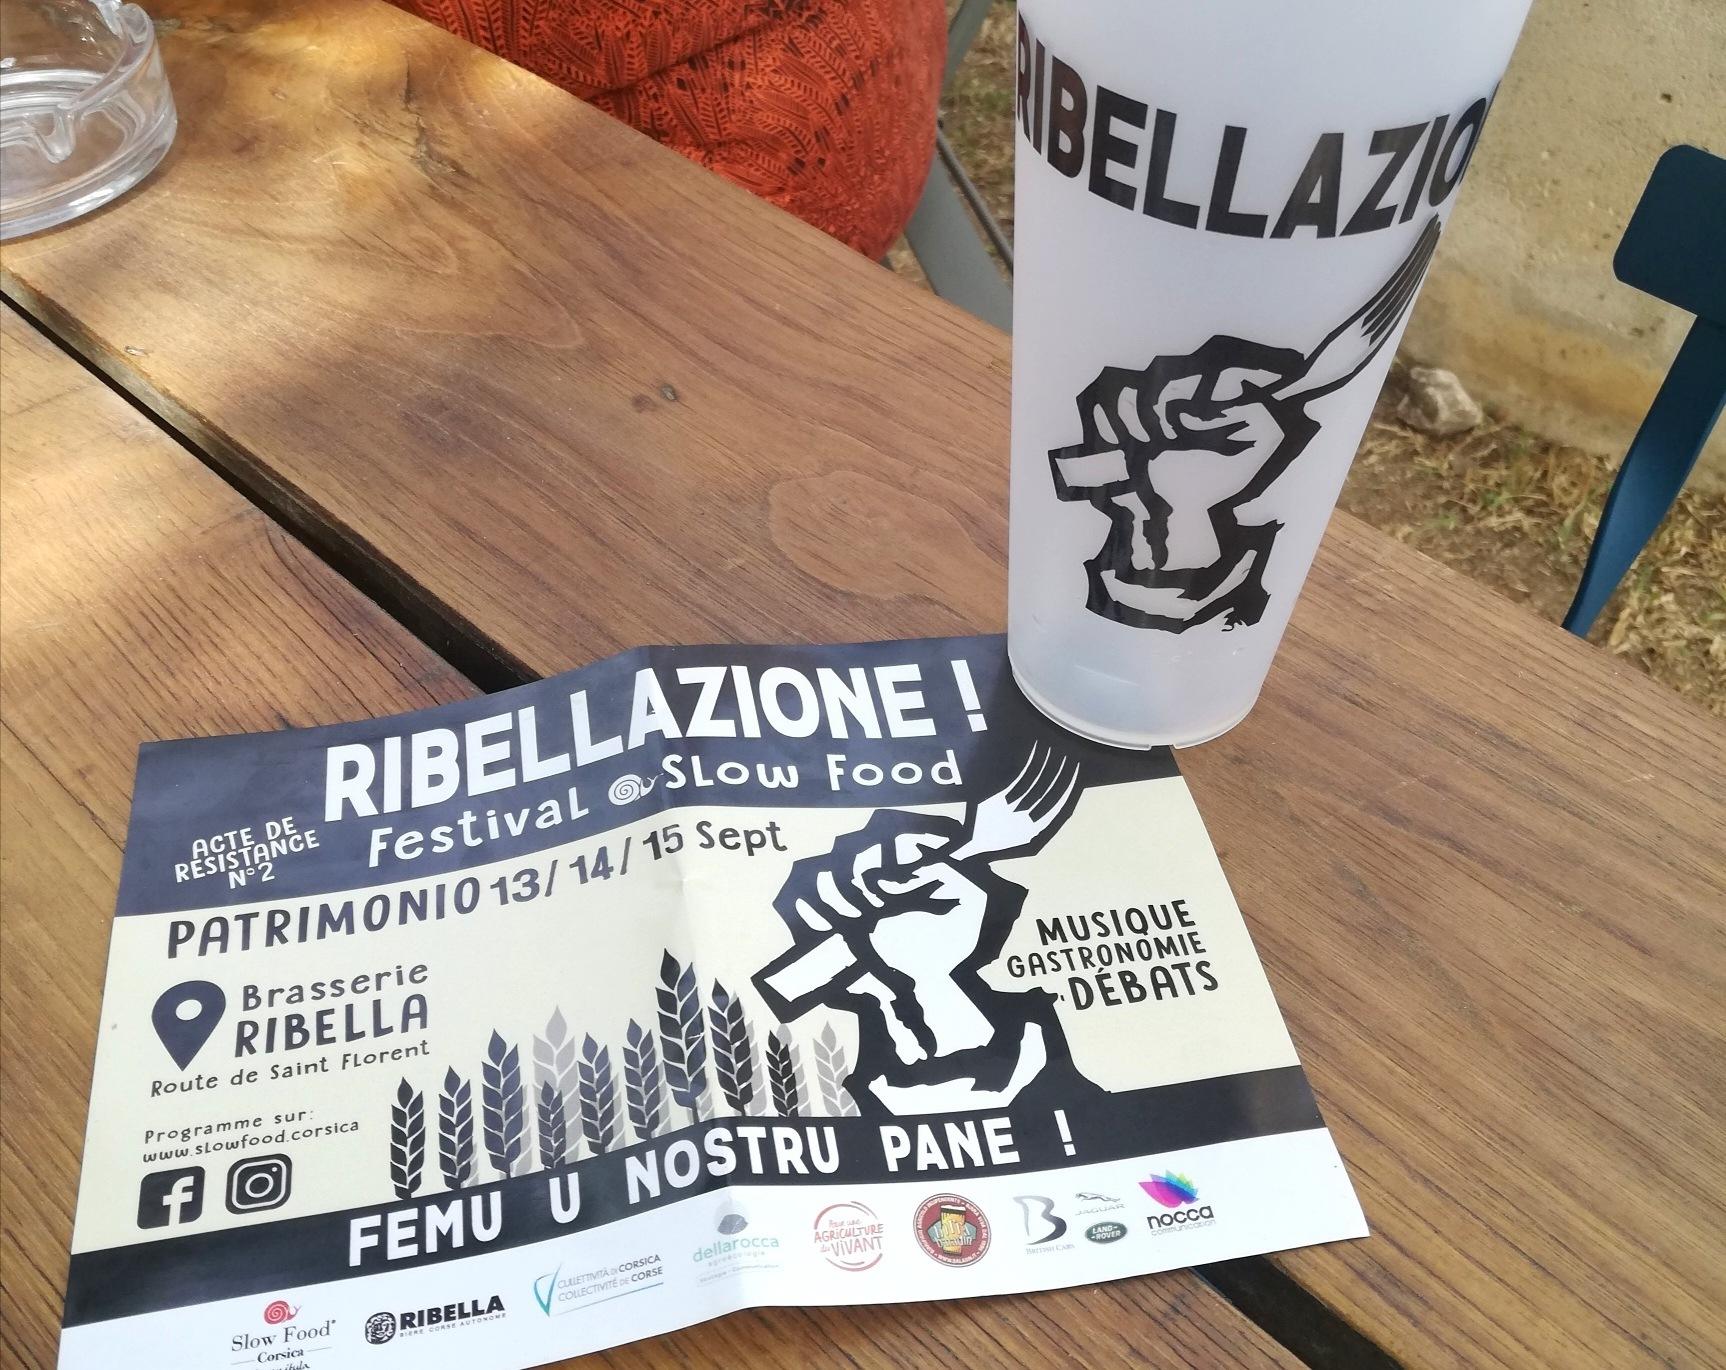 Festival Ribellazione Slow Food Patrimonio Corse